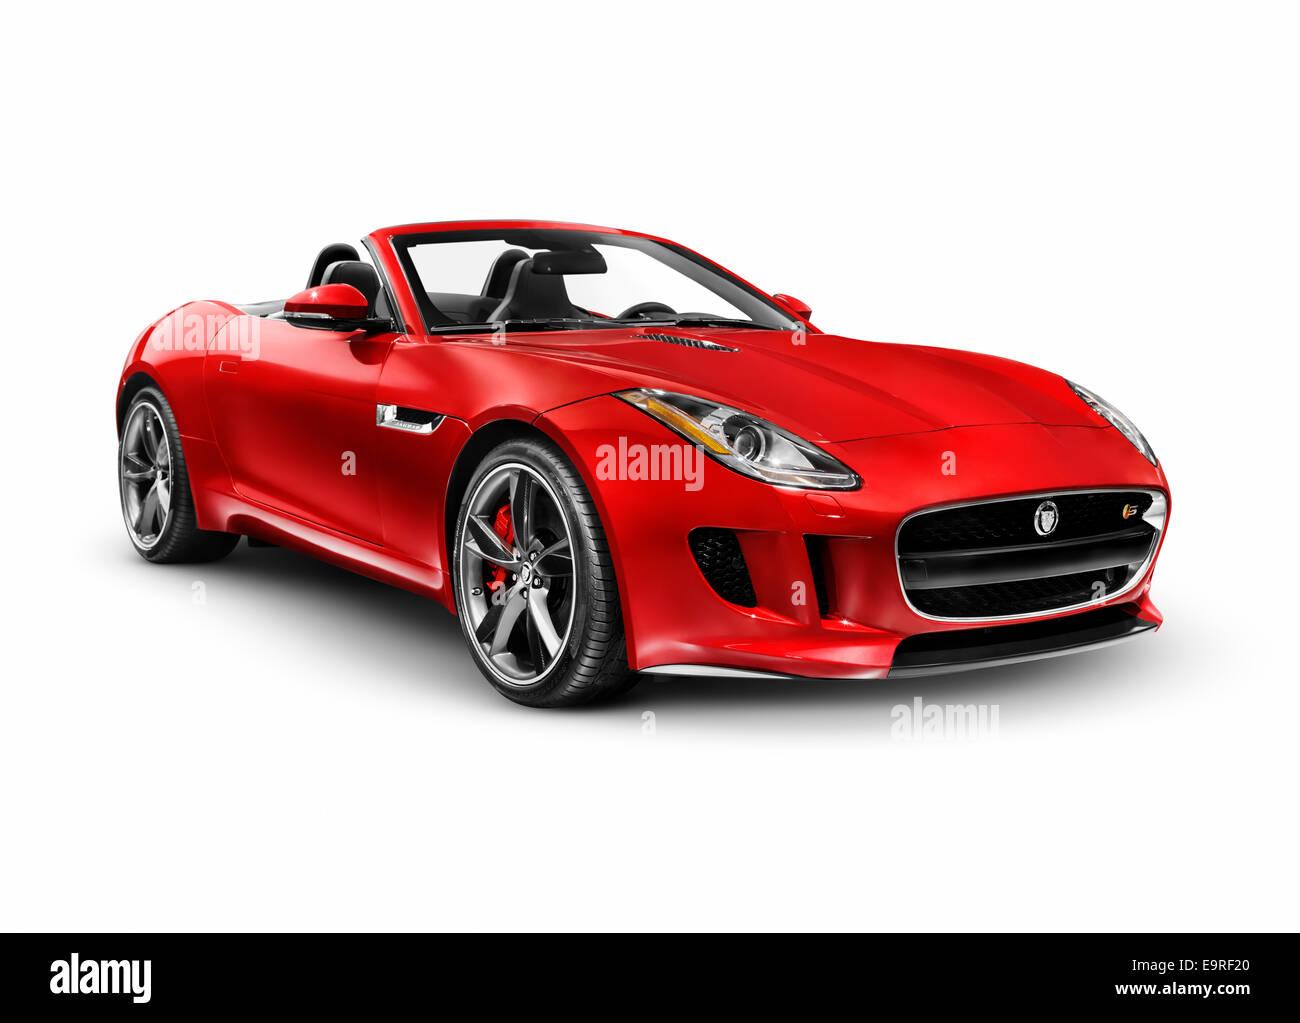 red 2014 jaguar f type s voiture de sport de luxe isol sur fond blanc avec clipping path banque. Black Bedroom Furniture Sets. Home Design Ideas